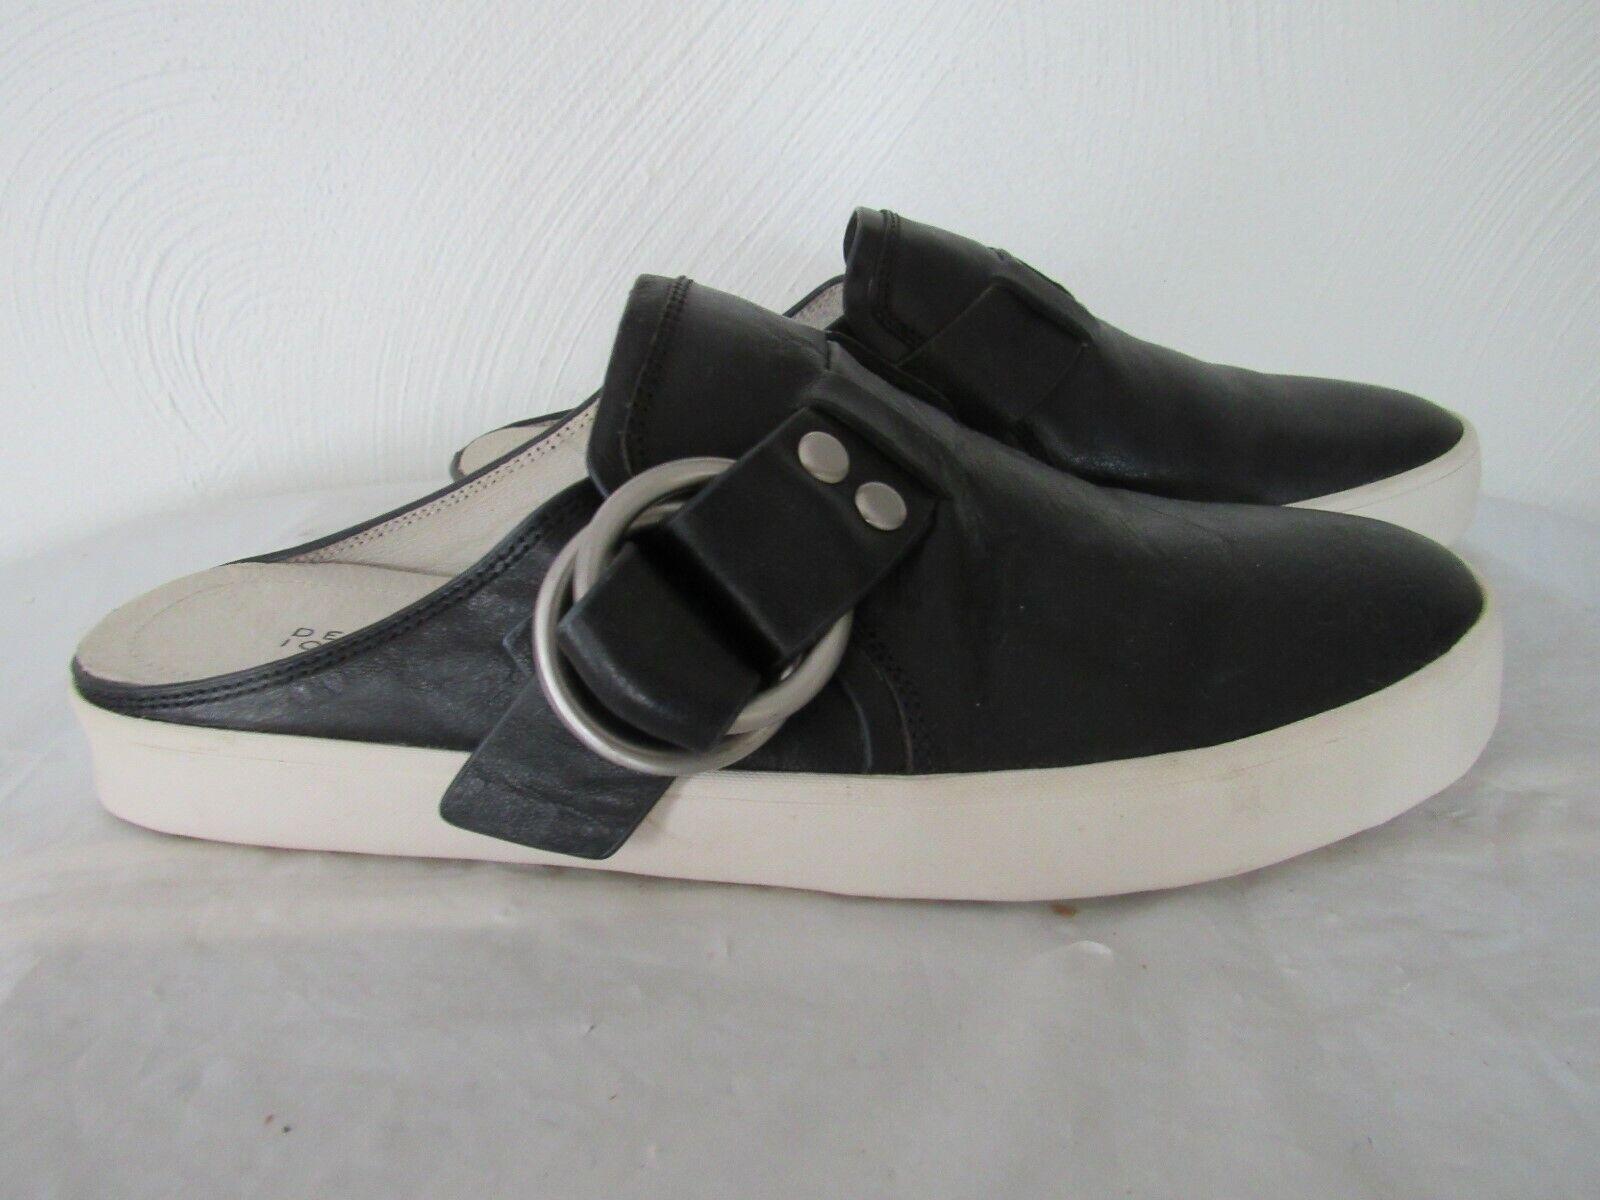 Derek Lam 10 Crosby chaussures en Cuir noir Slip-On Mule Turnchaussures Studds Boucle sz. 8